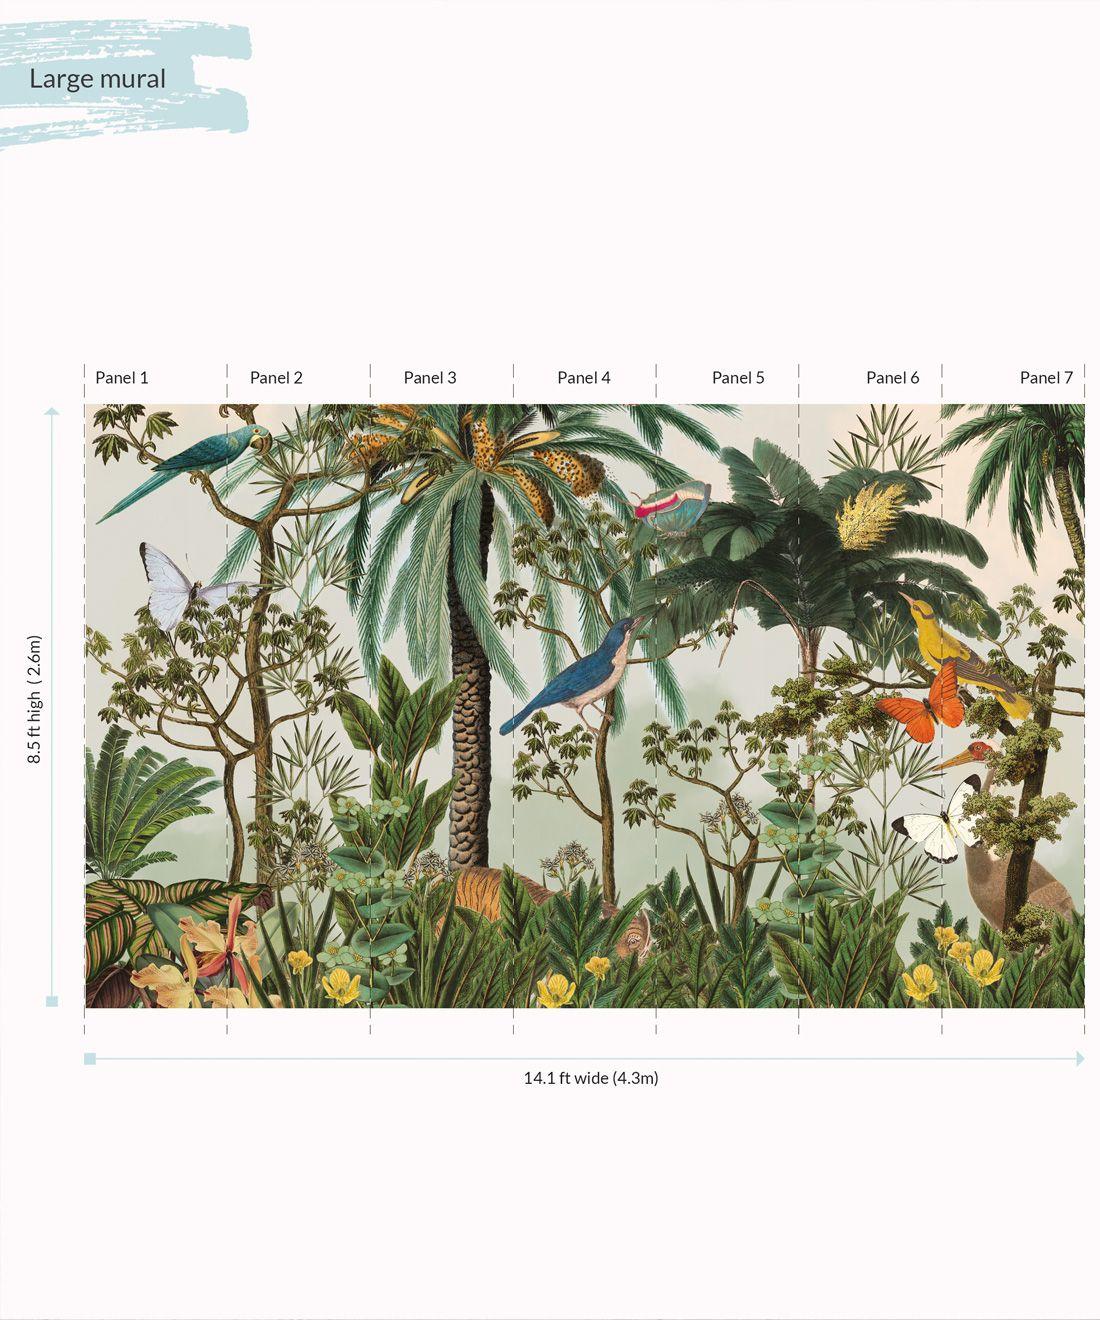 Heritage Jungle Mural • Tropical Jungle Animal Wallpaper • Large Panels